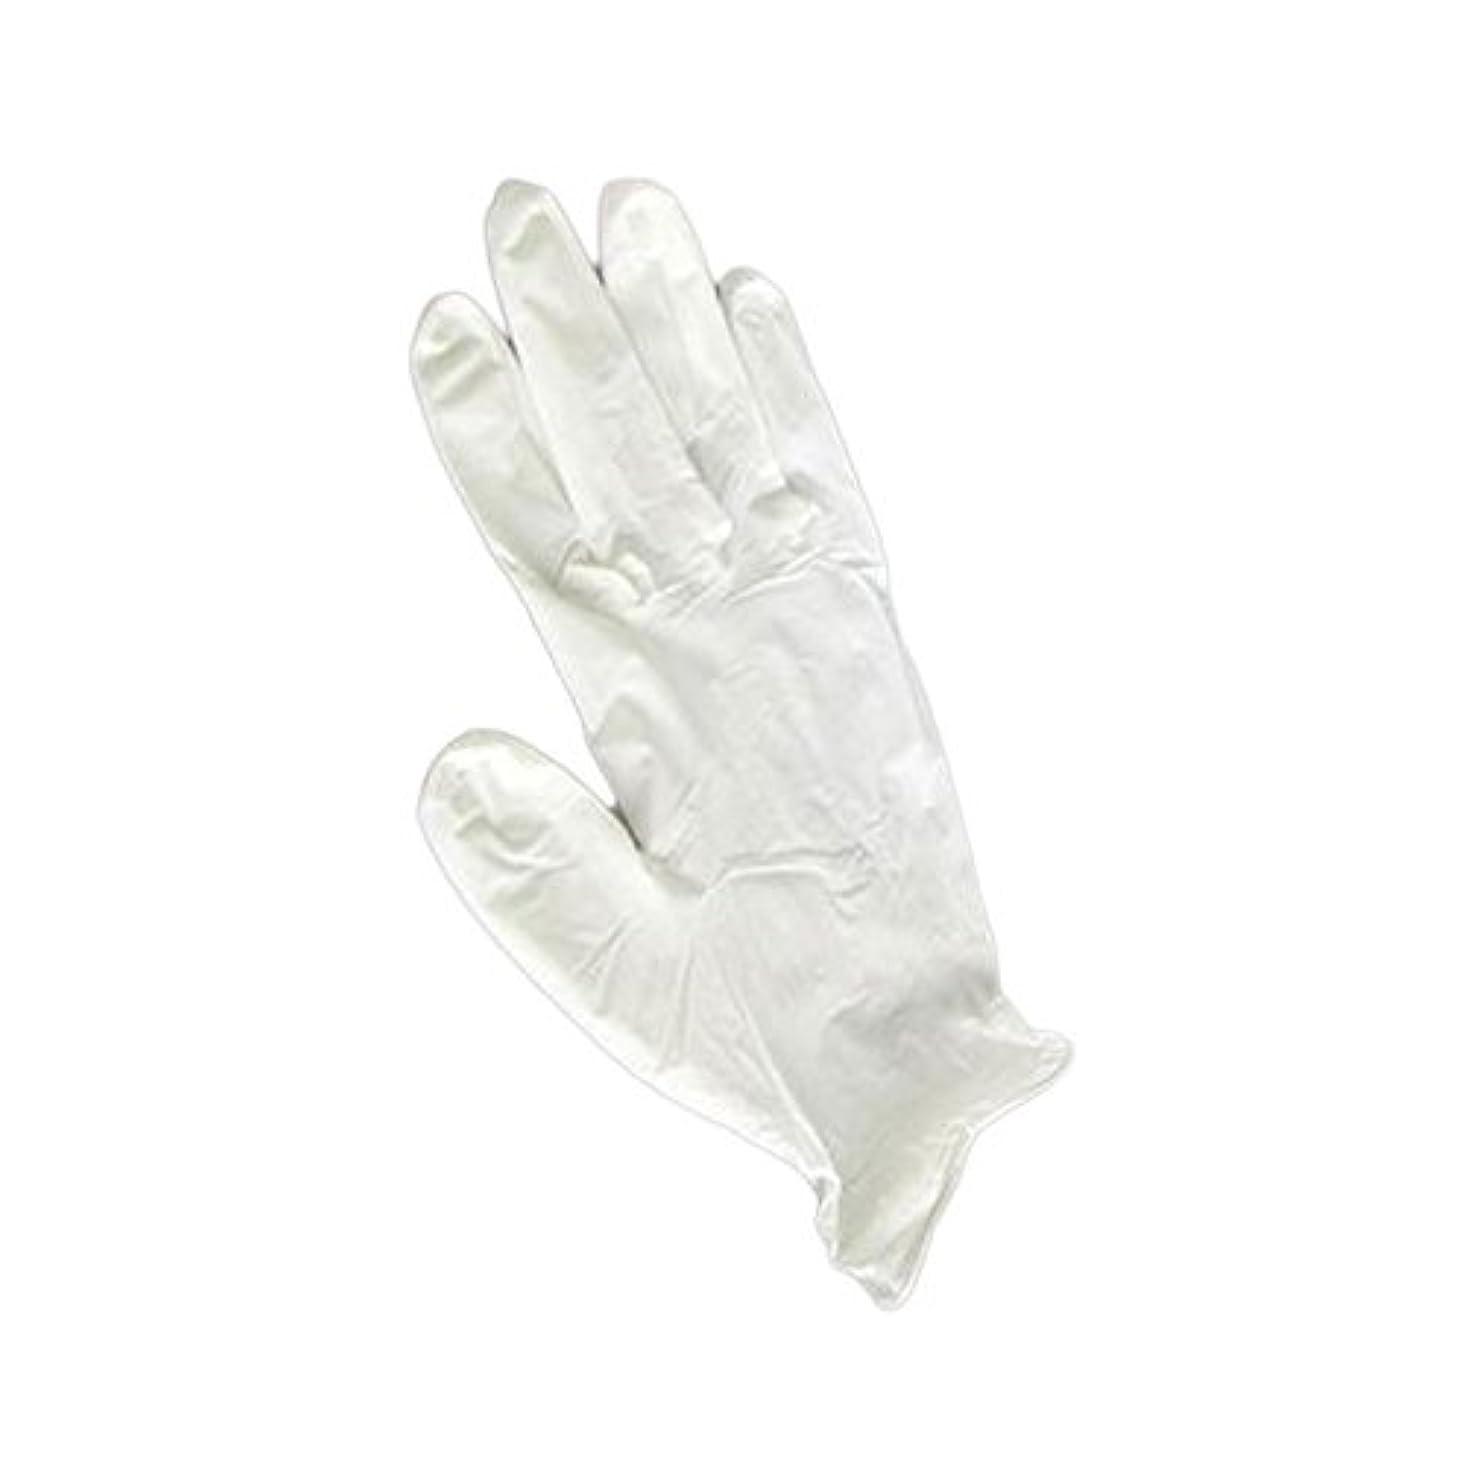 スライム前提繁栄する三高サプライ ニトリルグローブ(ゴム手袋) パウダーフリー BOXタイプ ダーマホワイト 100枚入り GN01 S